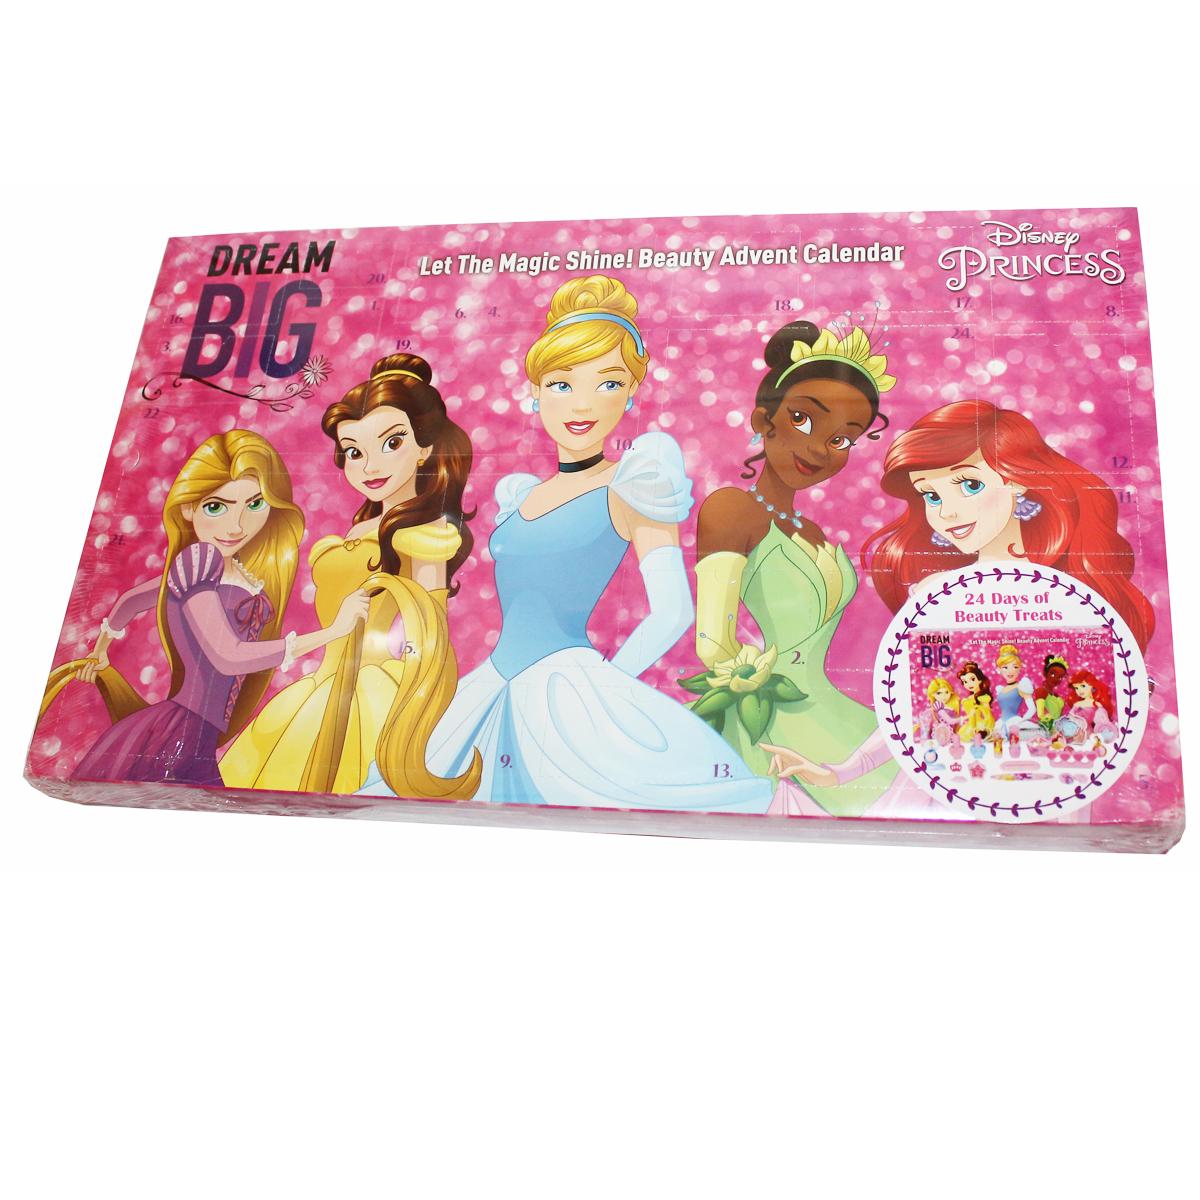 Mädchen Weihnachtskalender.Disney Adventskalender Princess Weihnachten Mädchen Beauty Kosmetik